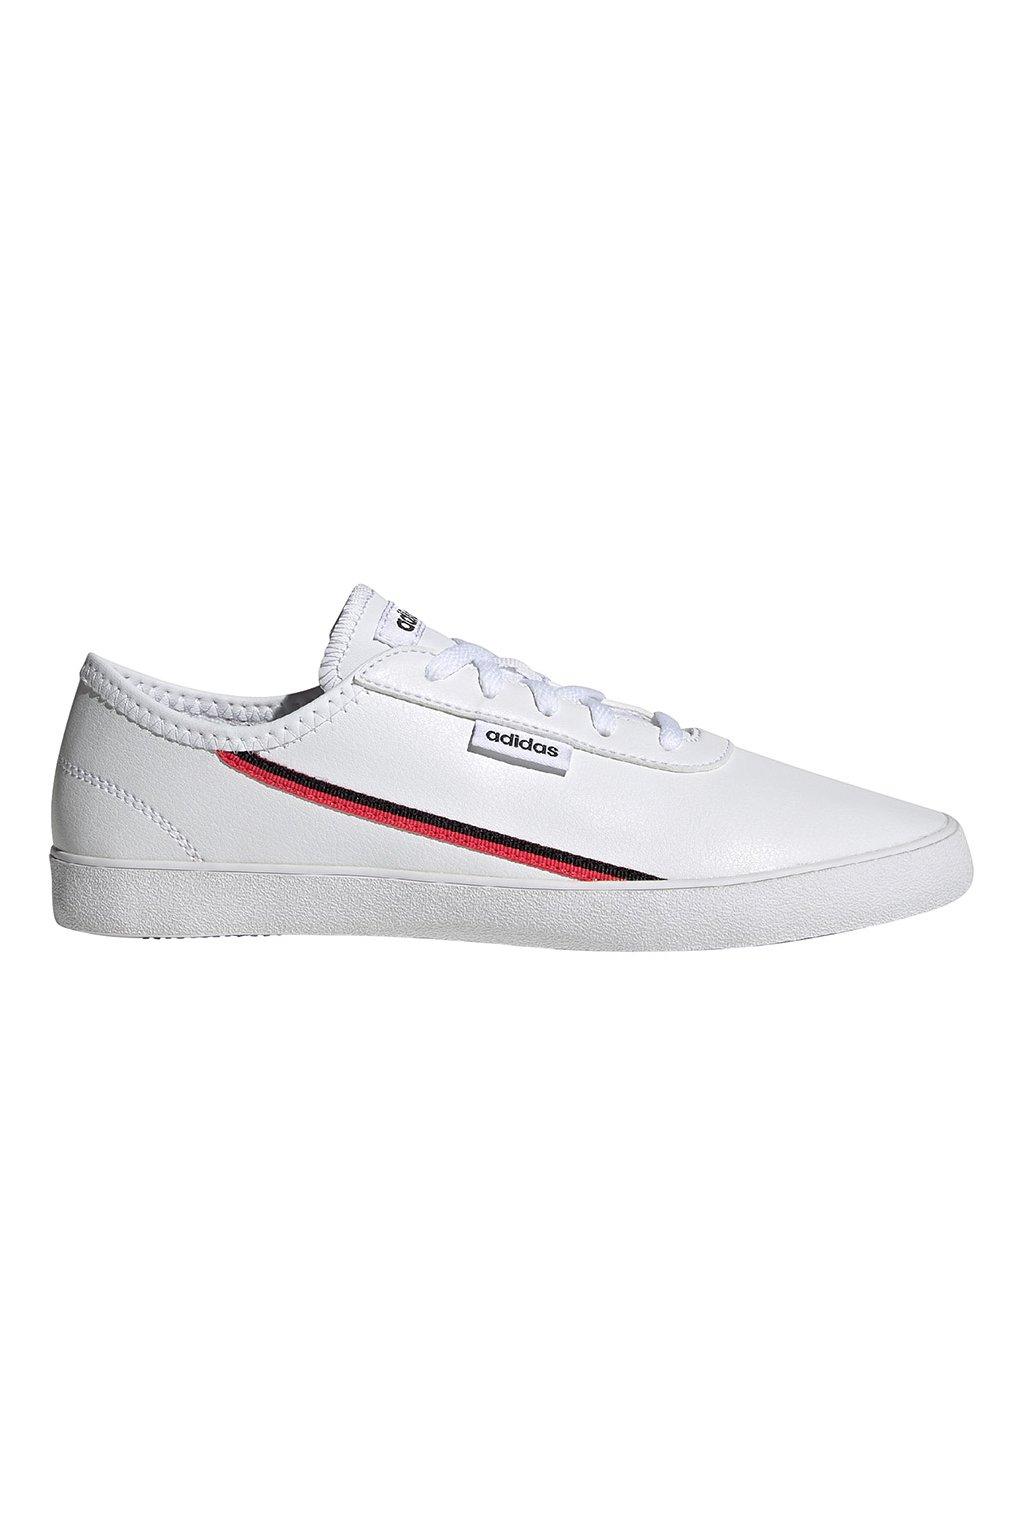 Dámske tenisky Adidas Courtflash X, biele EH2531